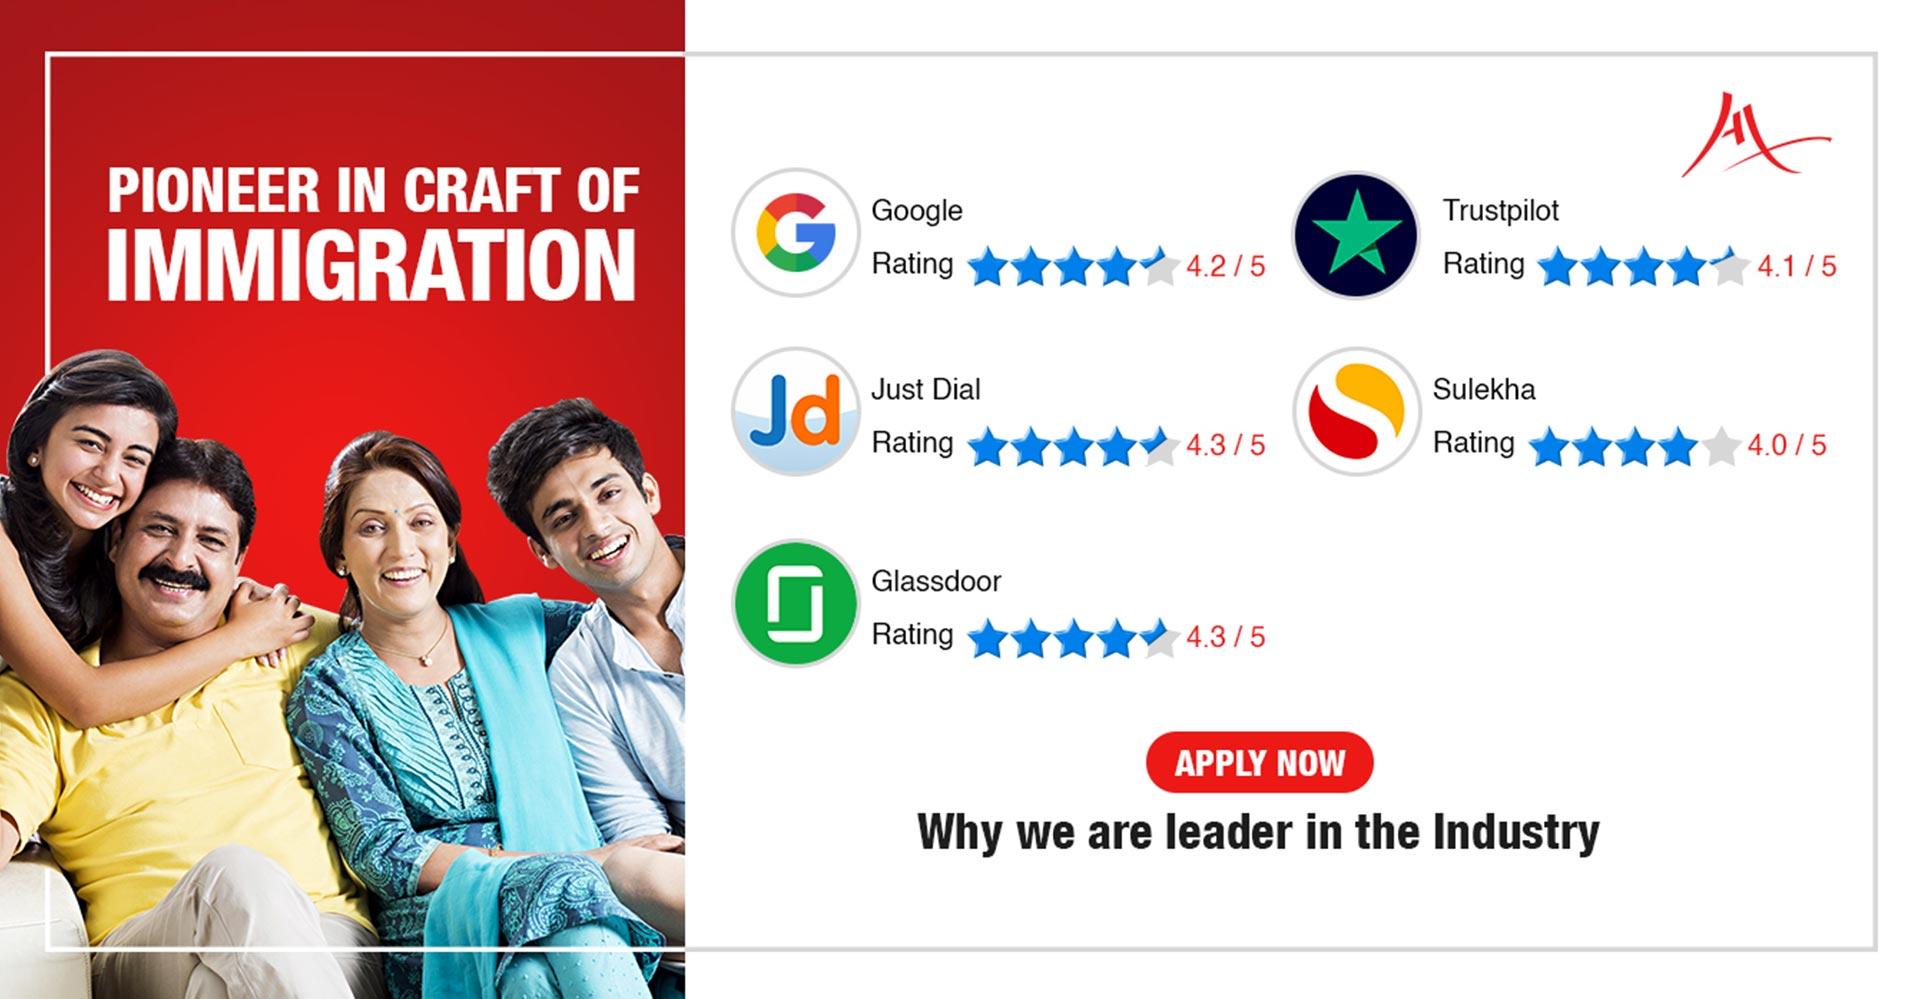 Abhinav has 2600 plus positive reviews